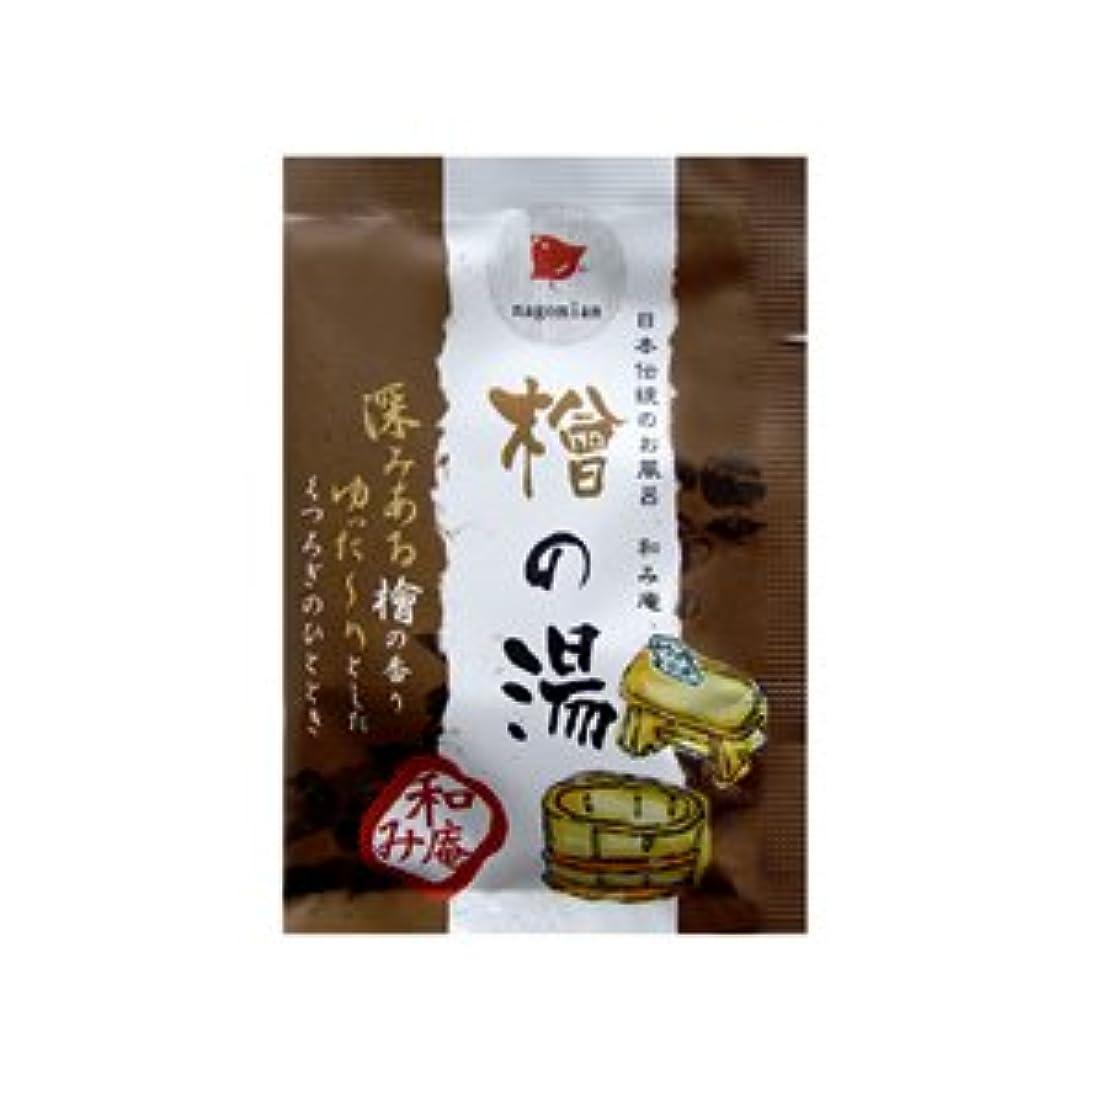 に頼る肘掛け椅子醸造所日本伝統のお風呂 和み庵 檜の湯 25g 5個セット